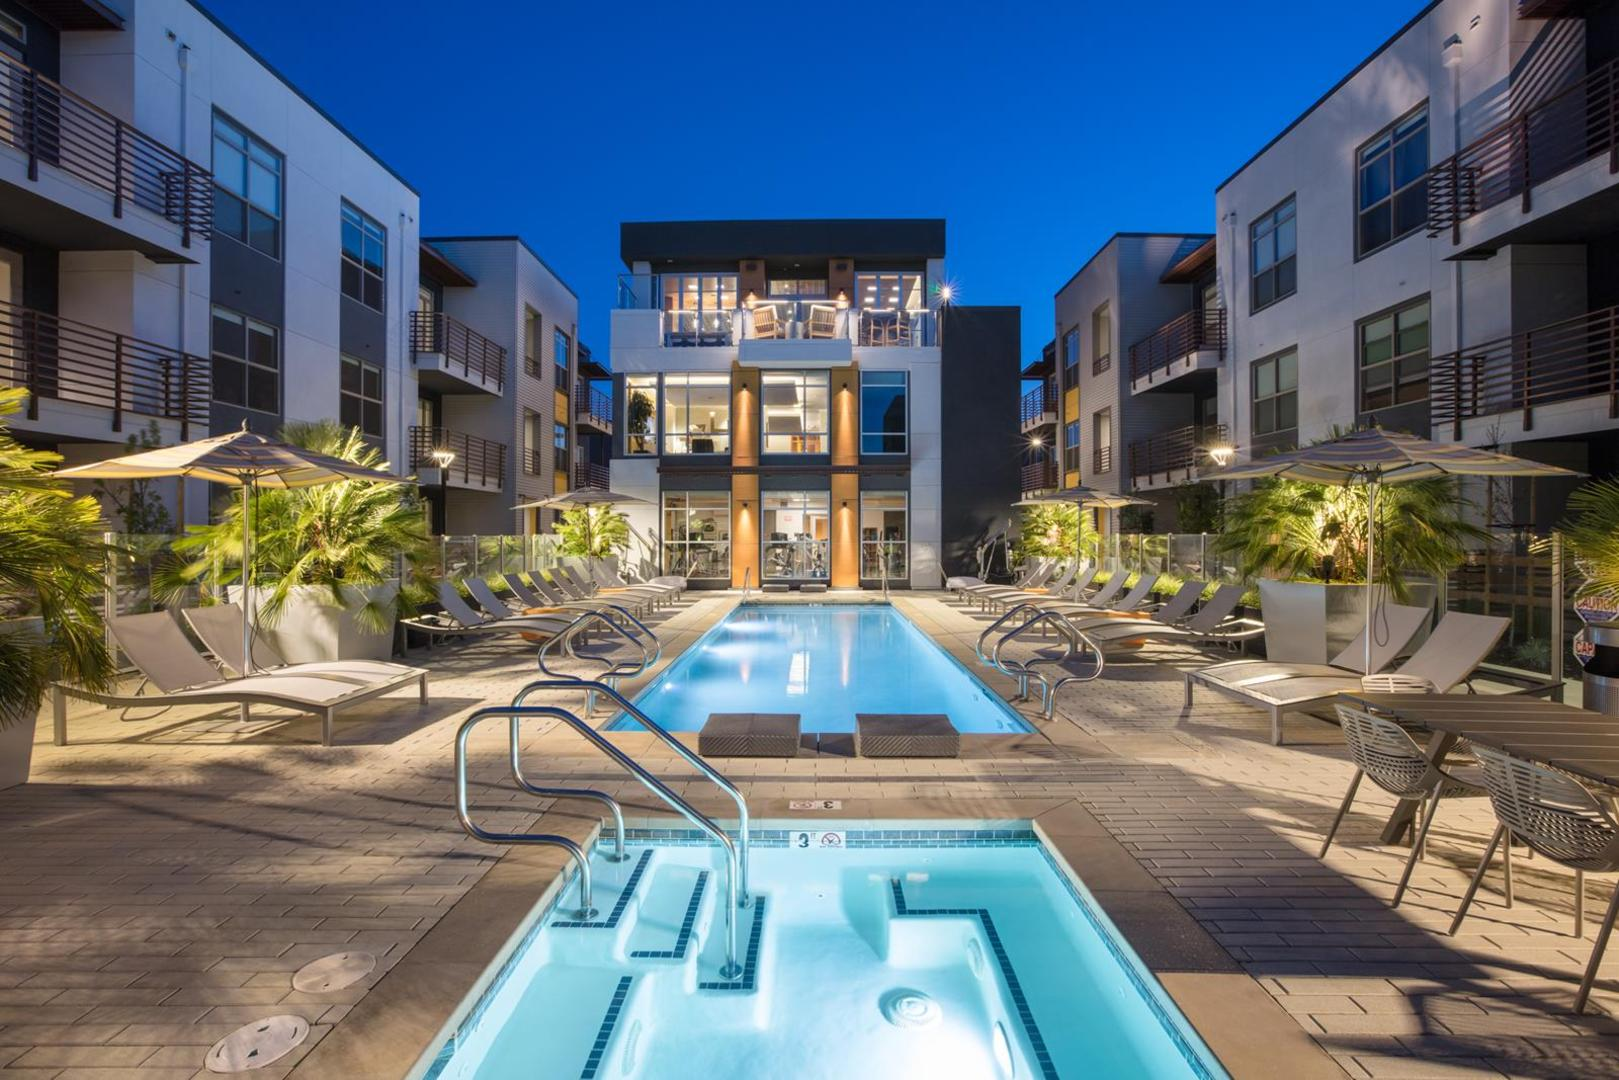 Elan Menlo Park Apartments In Menlo Park Ca